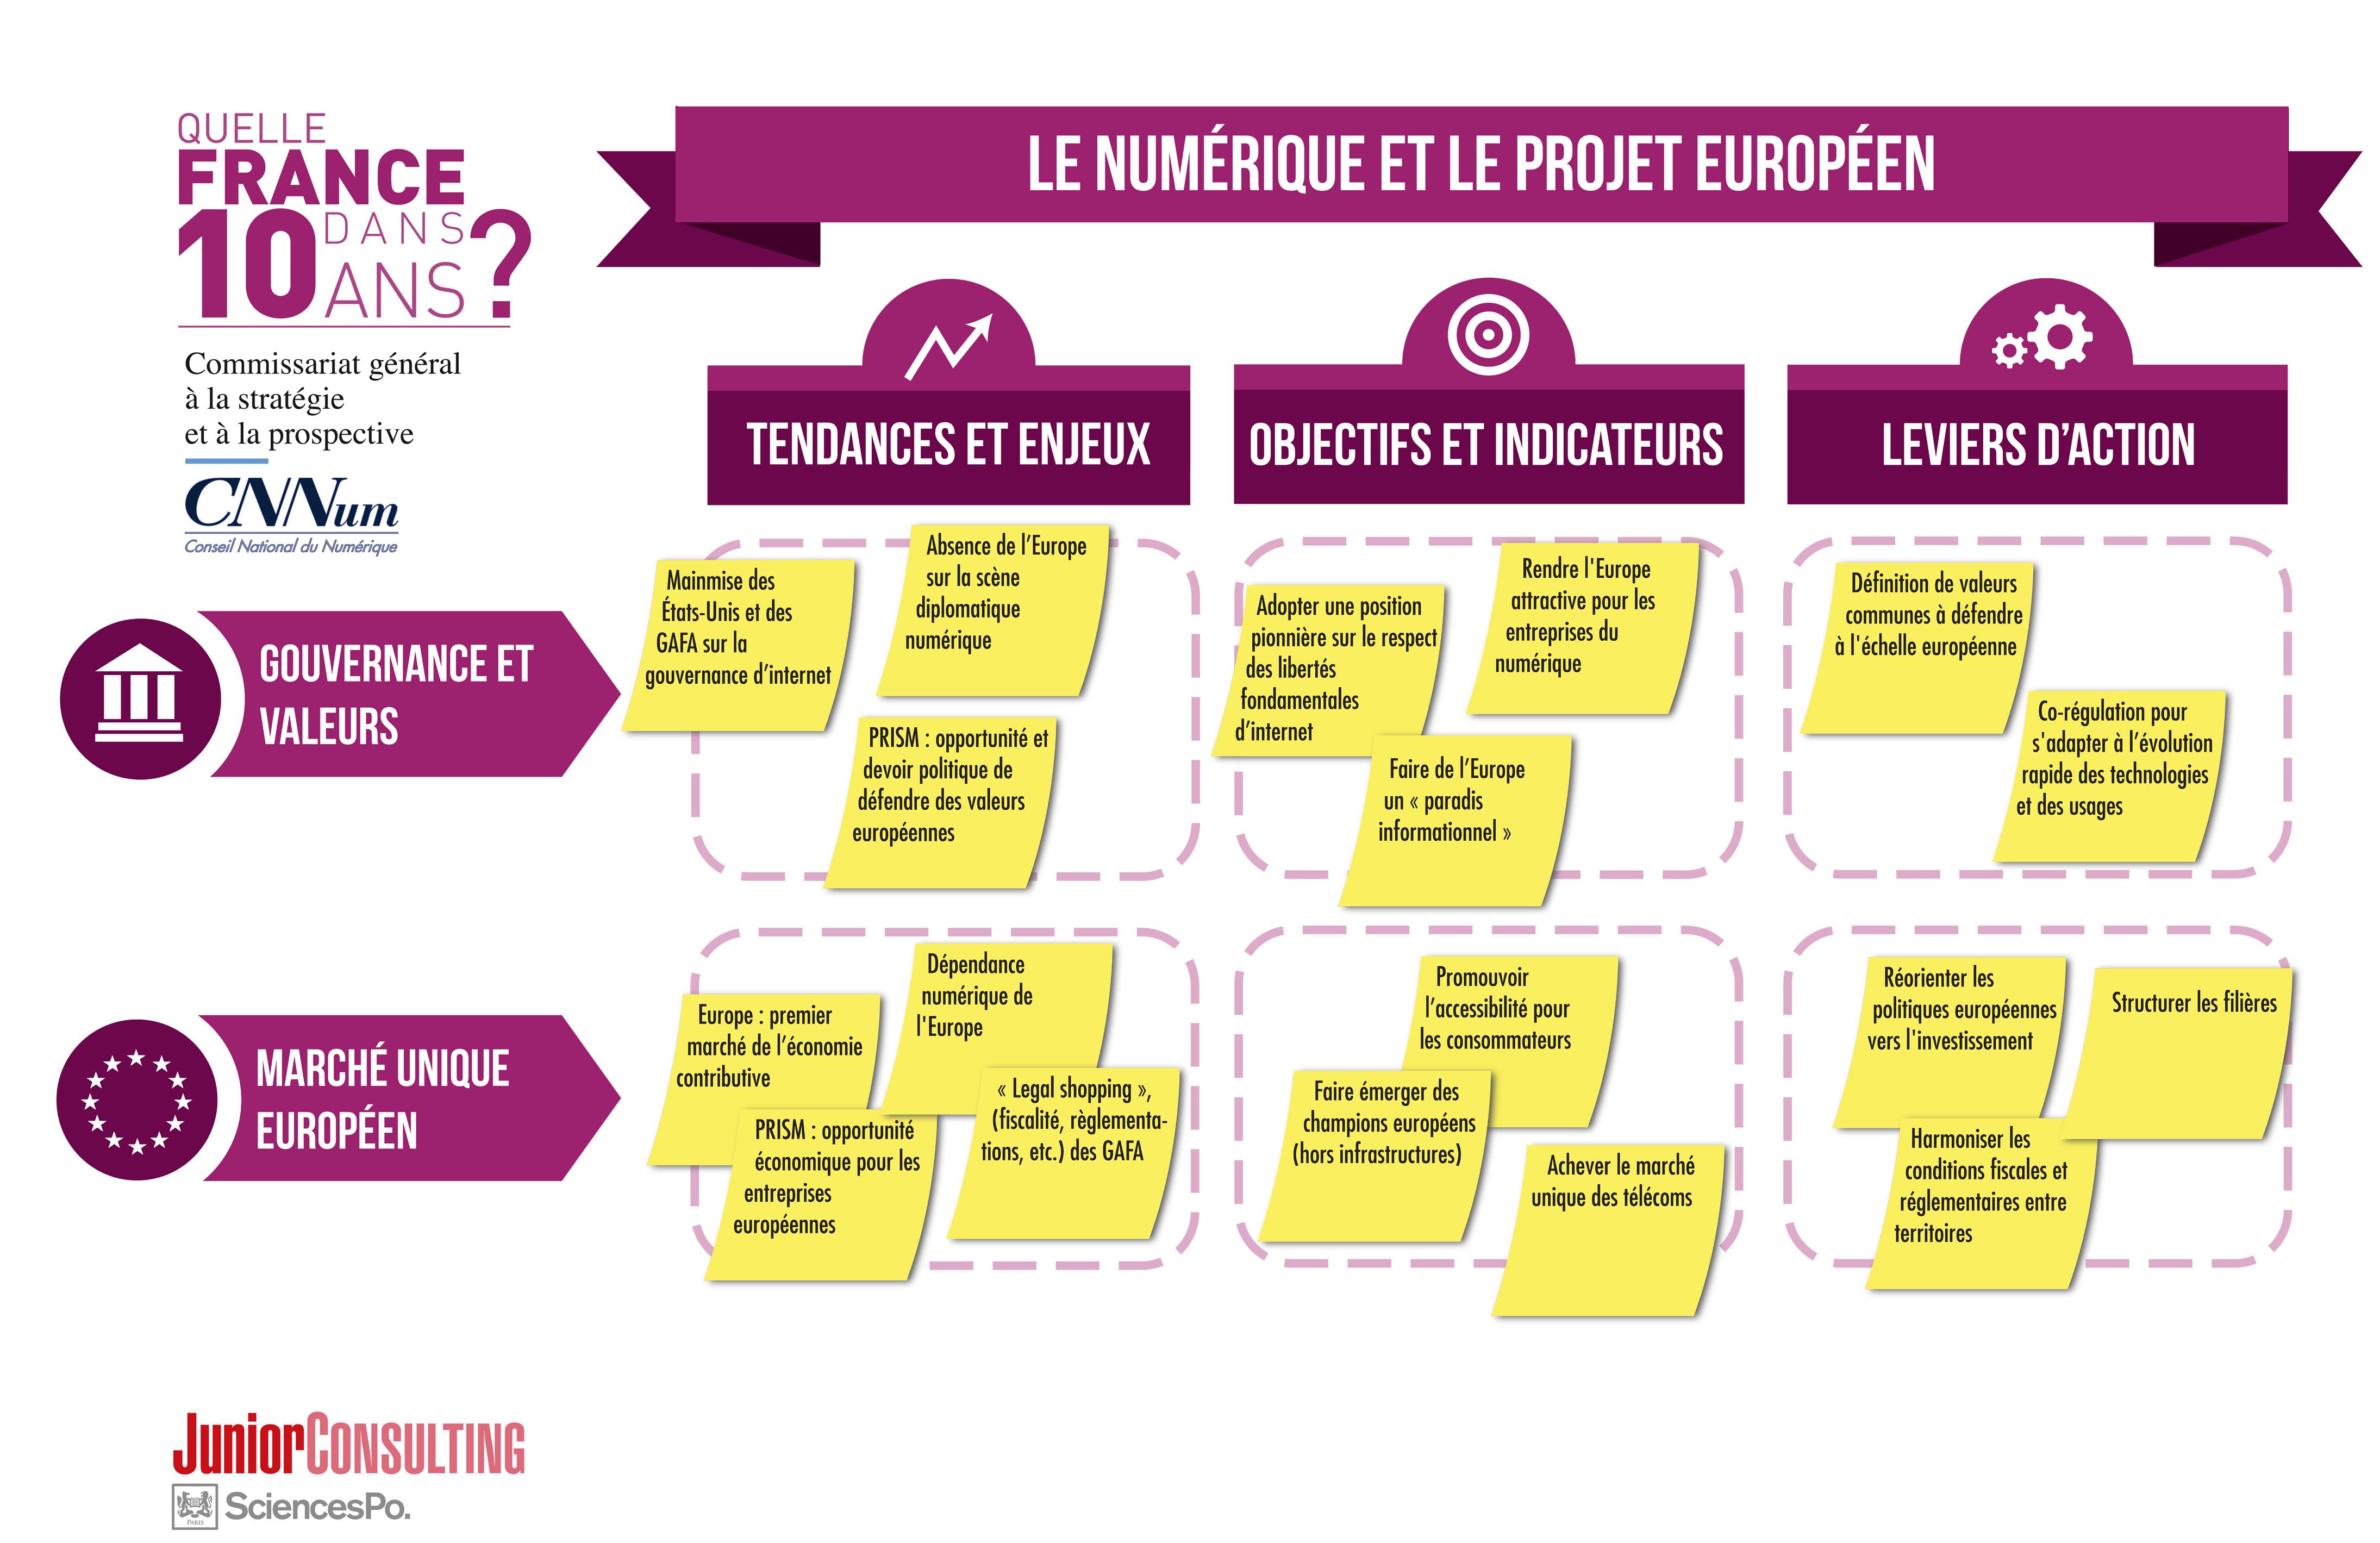 Le numérique et le projet européen